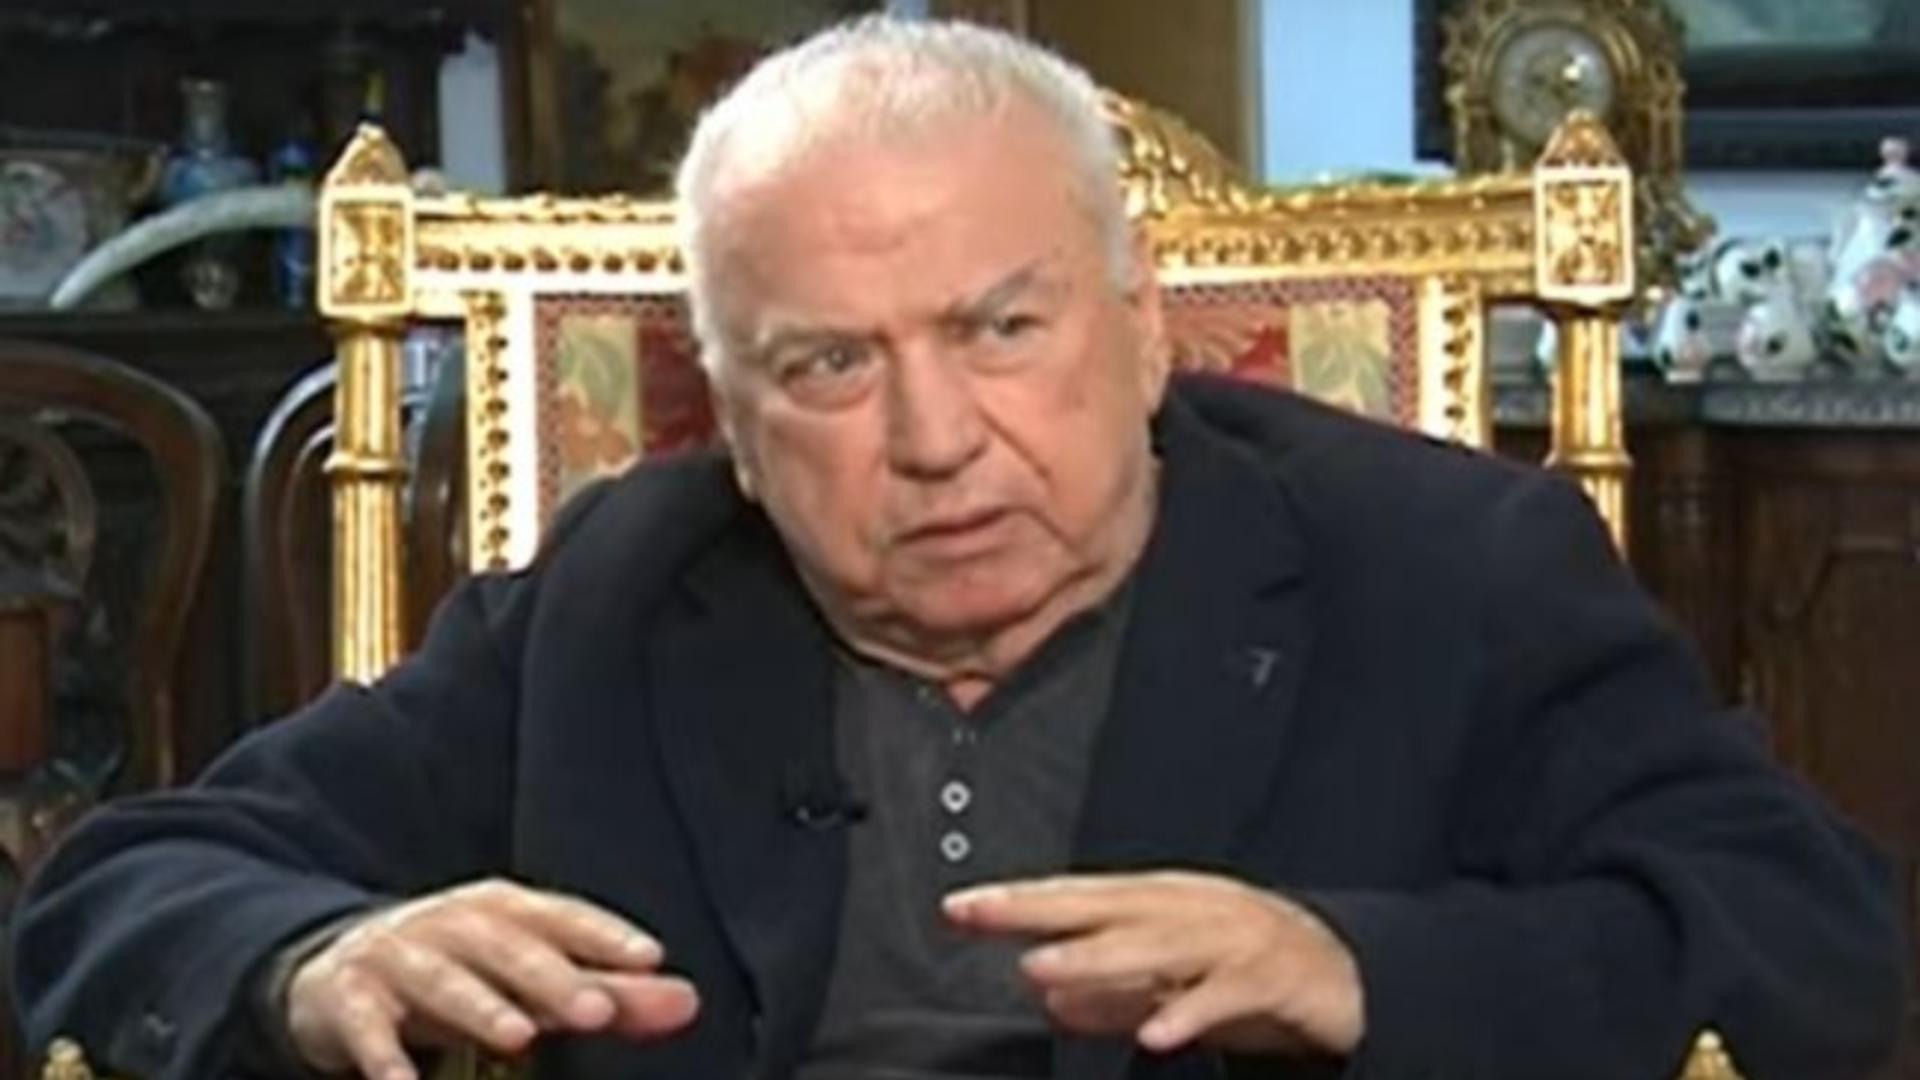 21:00 Ediție-eveniment a emisiunii Culisele Statului Paralel: Dezvăluirile lui IOAN TALPEȘ, fostul șef SIE